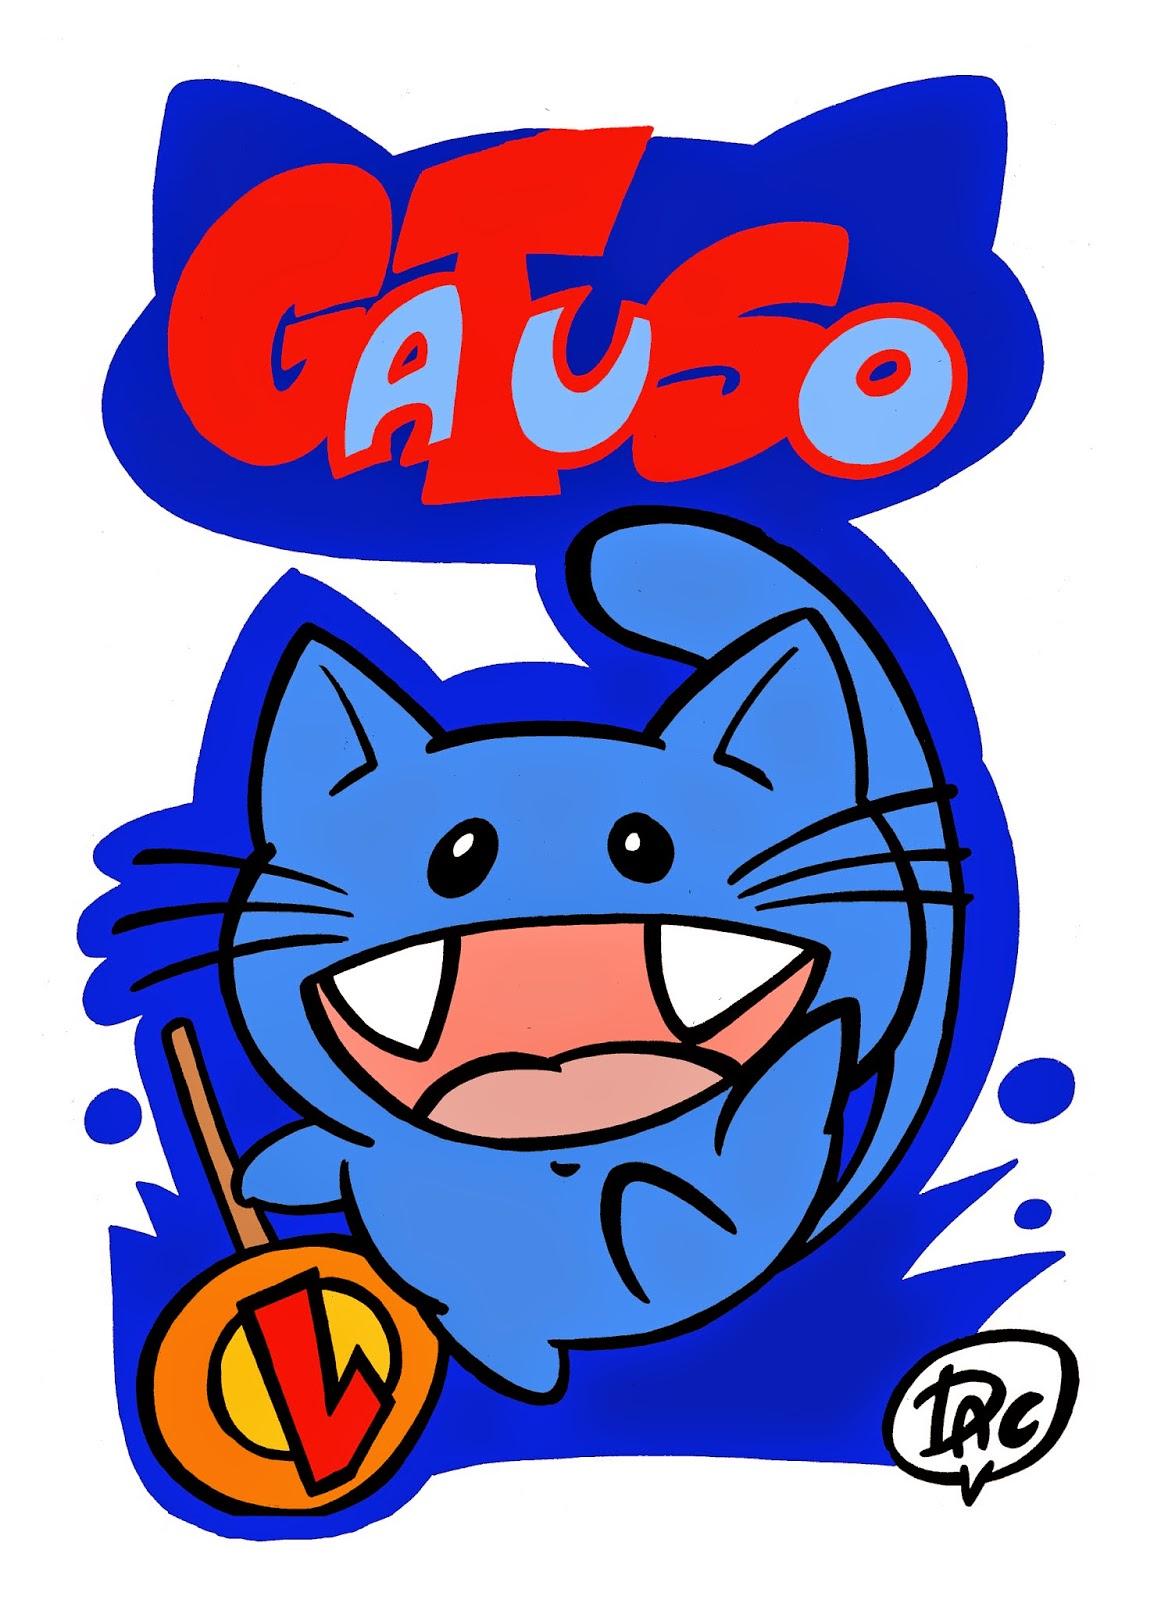 Gatuso 1 DAC